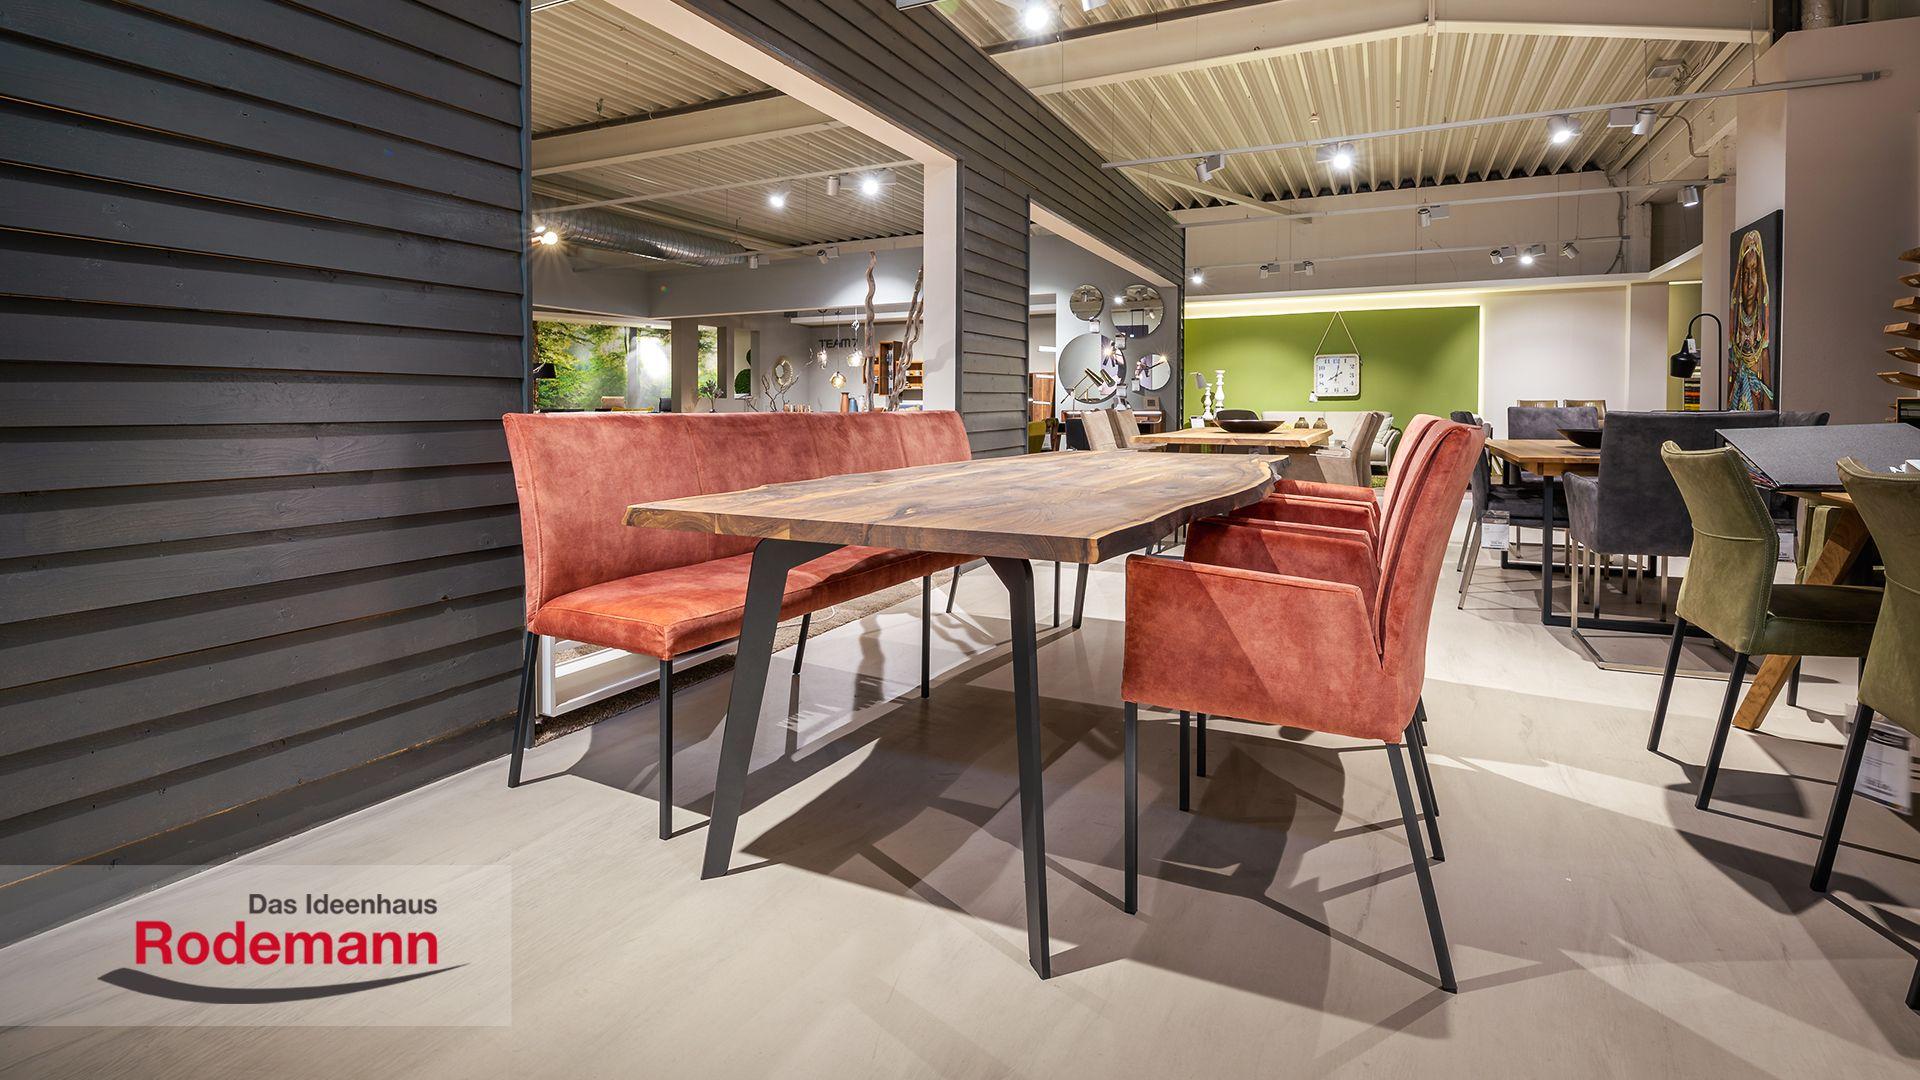 Fashion Kuche Wohnfuhlen Das Ideenhaus Rodemann In Bochum Ideenhaus Rodemann Bochum Ideen Inspiration Creativity Lifes In 2020 Raumgestaltung Wohnen Design